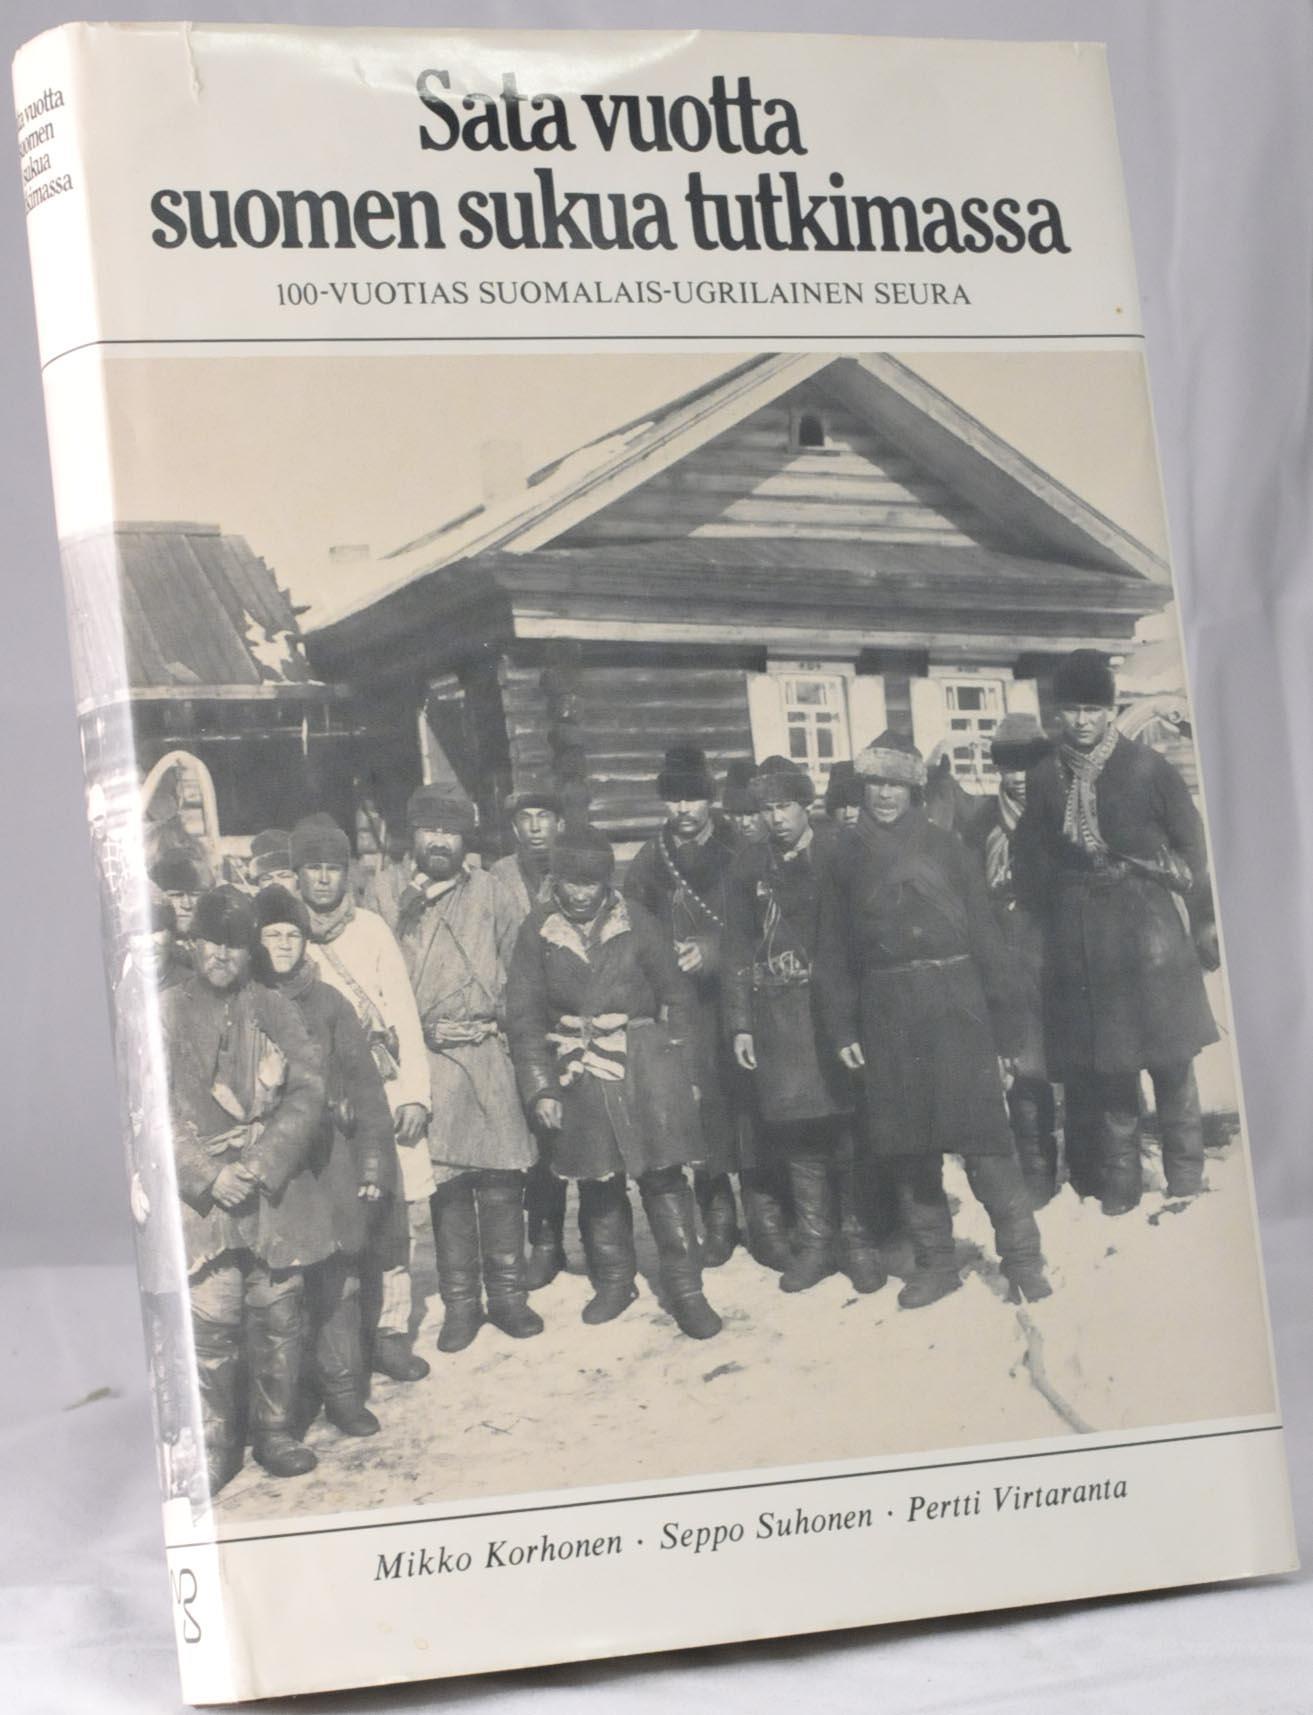 Sata vuotta Suomen sukua tutkimassa - 100-vuotias Suomalais-ugrilainen seura - Korhonen Mikko - Suhonen Seppo - Virtaranta Pertti tuotekuva